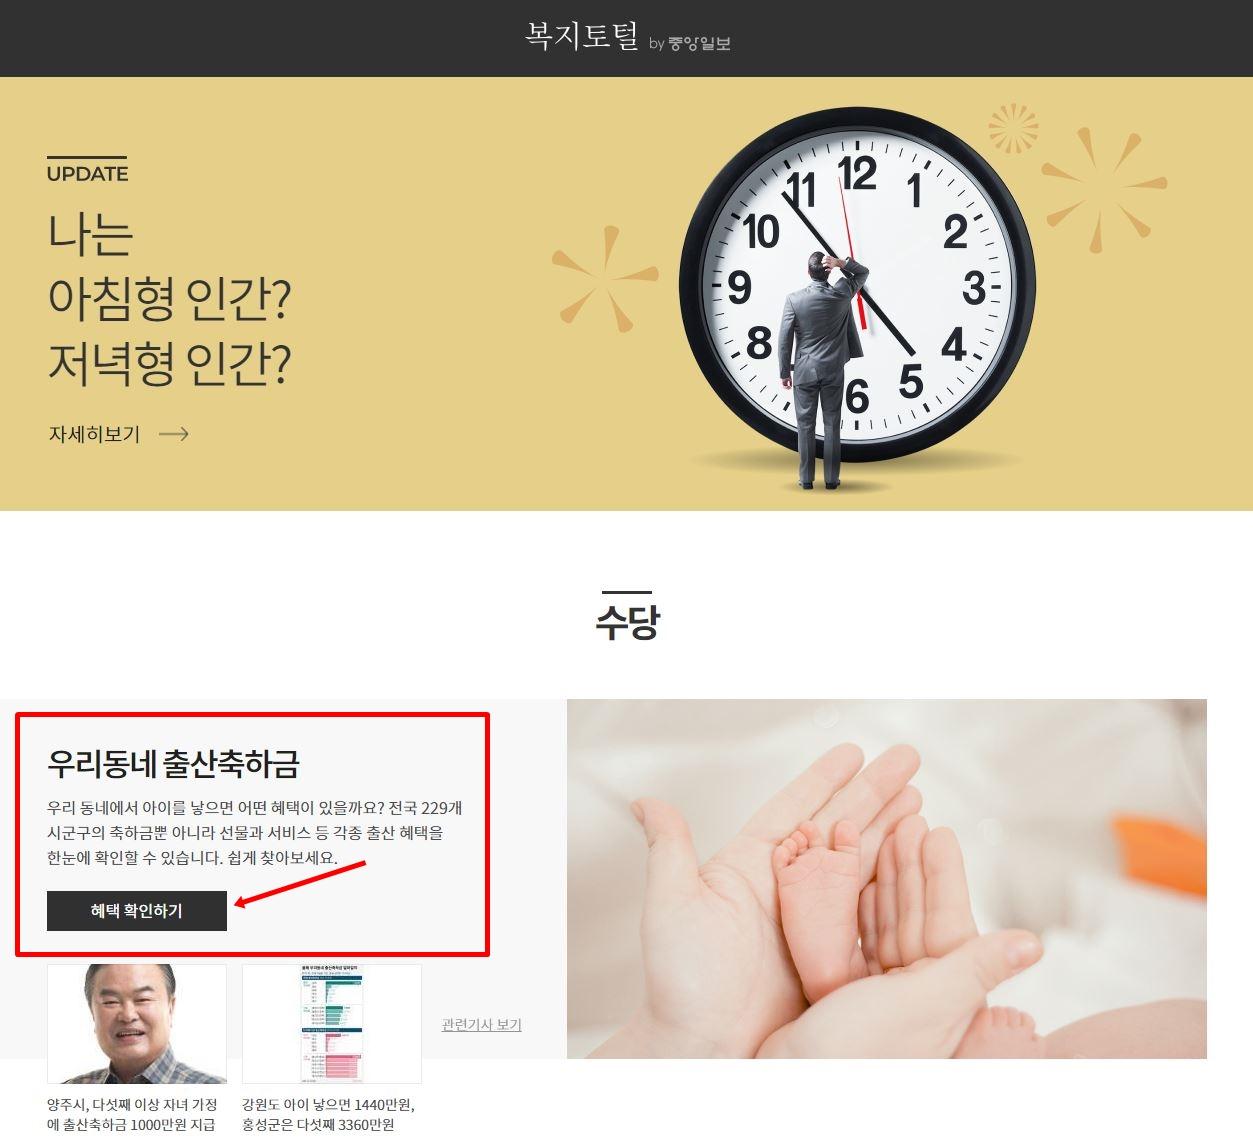 중앙일보 복지토털